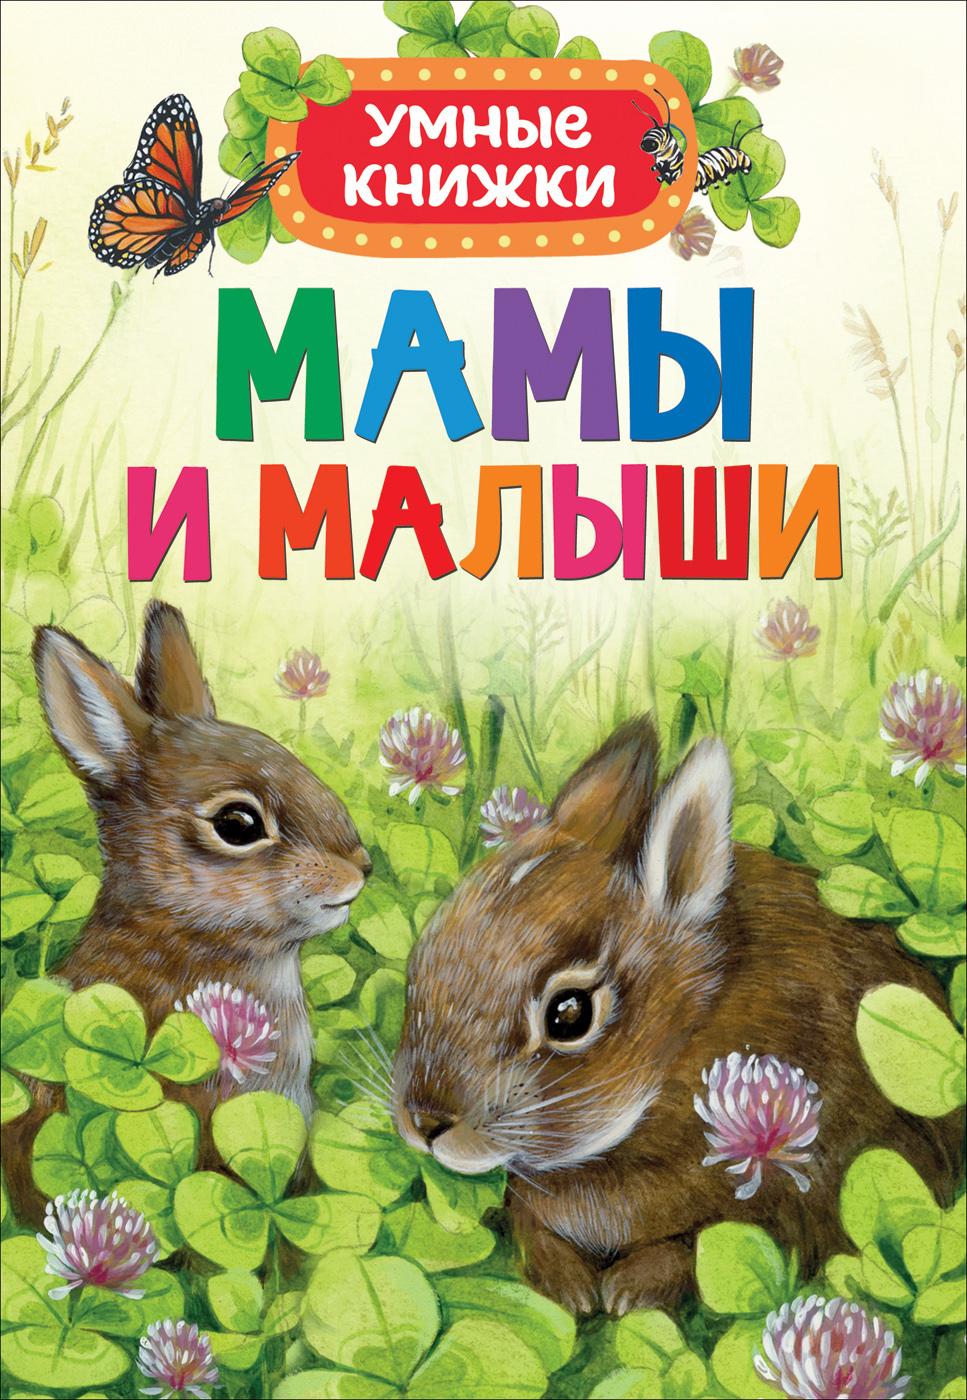 Боун Э. Мамы и малыши (Умные книжки)